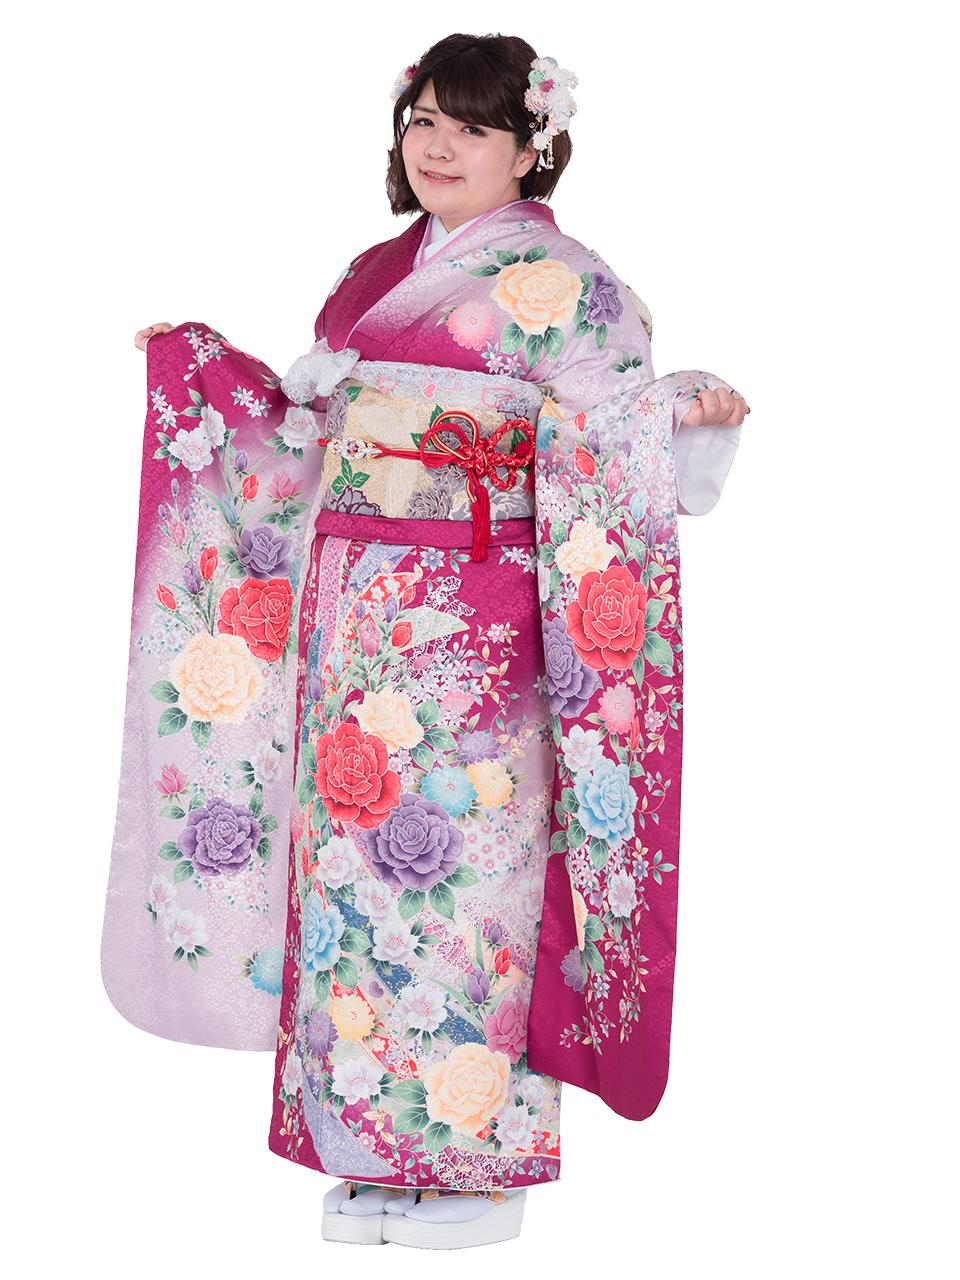 【MKF-02】ふわふわ振袖 ローズピンク×淡ピンク